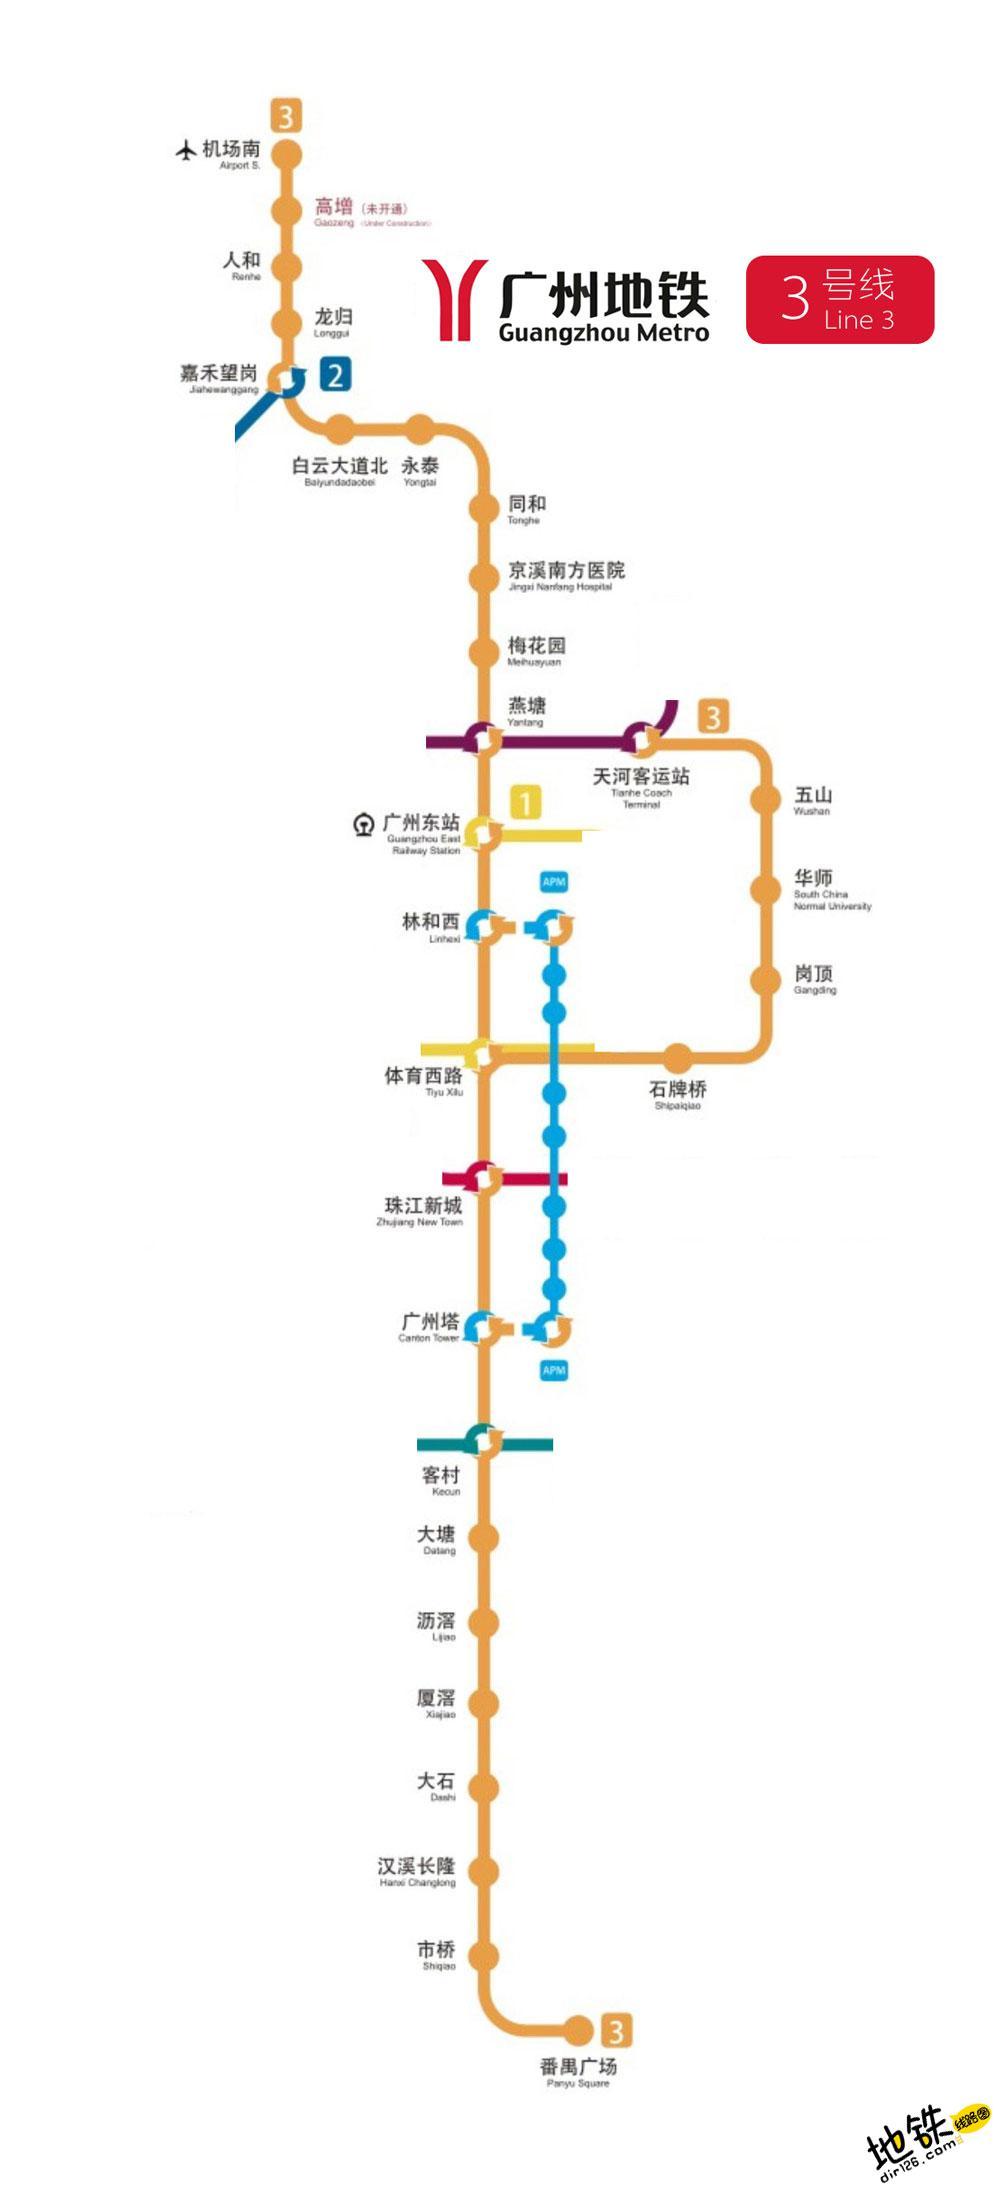 广州地铁3号线线路图 运营时间票价站点 查询下载 广州地铁3号线查询 广州地铁3号线运营时间 广州地铁3号线线路图 广州地铁3号线 广州地铁三号线 广州地铁线路图  第2张